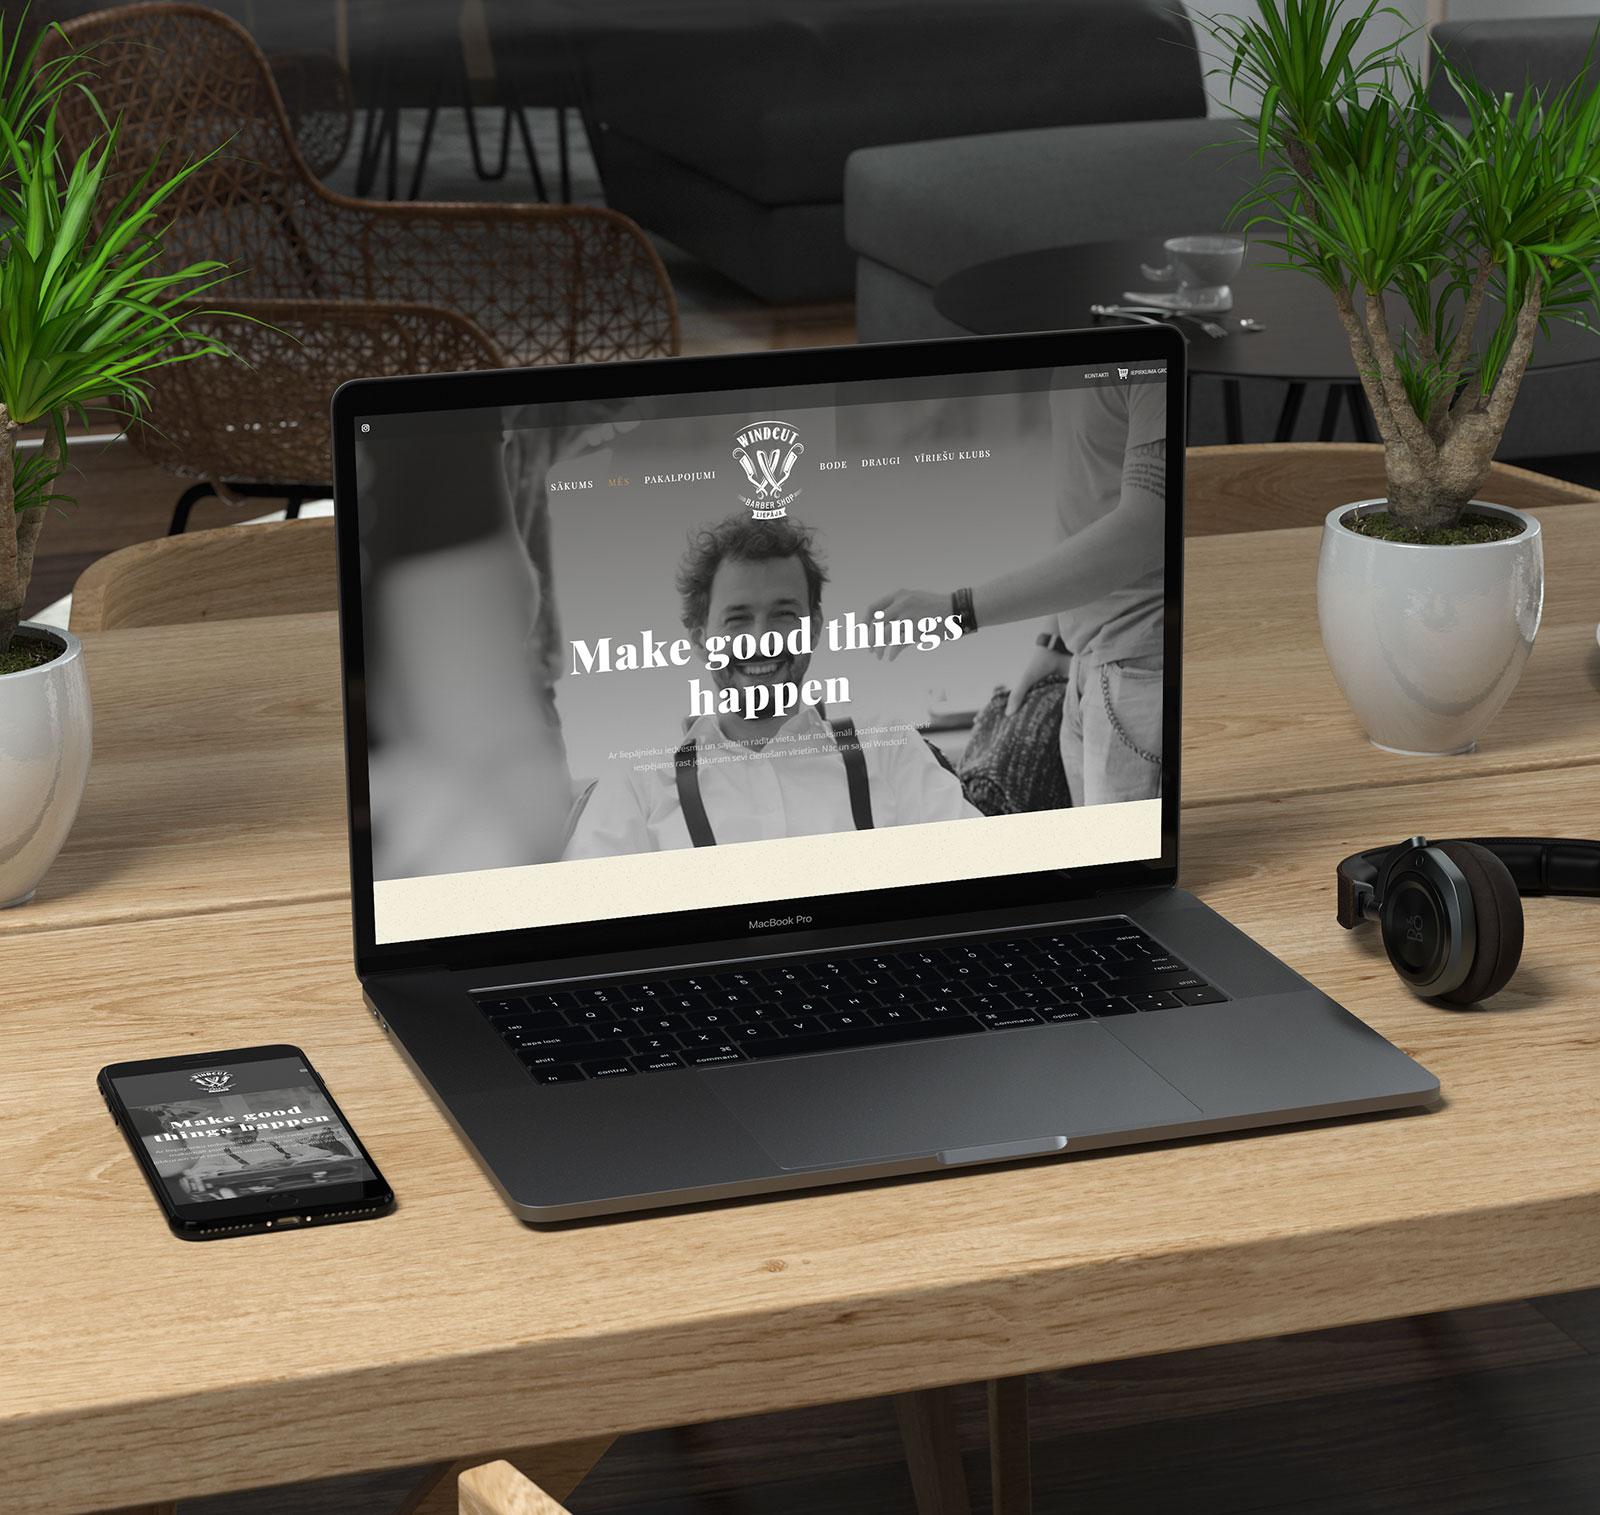 Digital-Agency-Latvia-Windcut-Barbershop